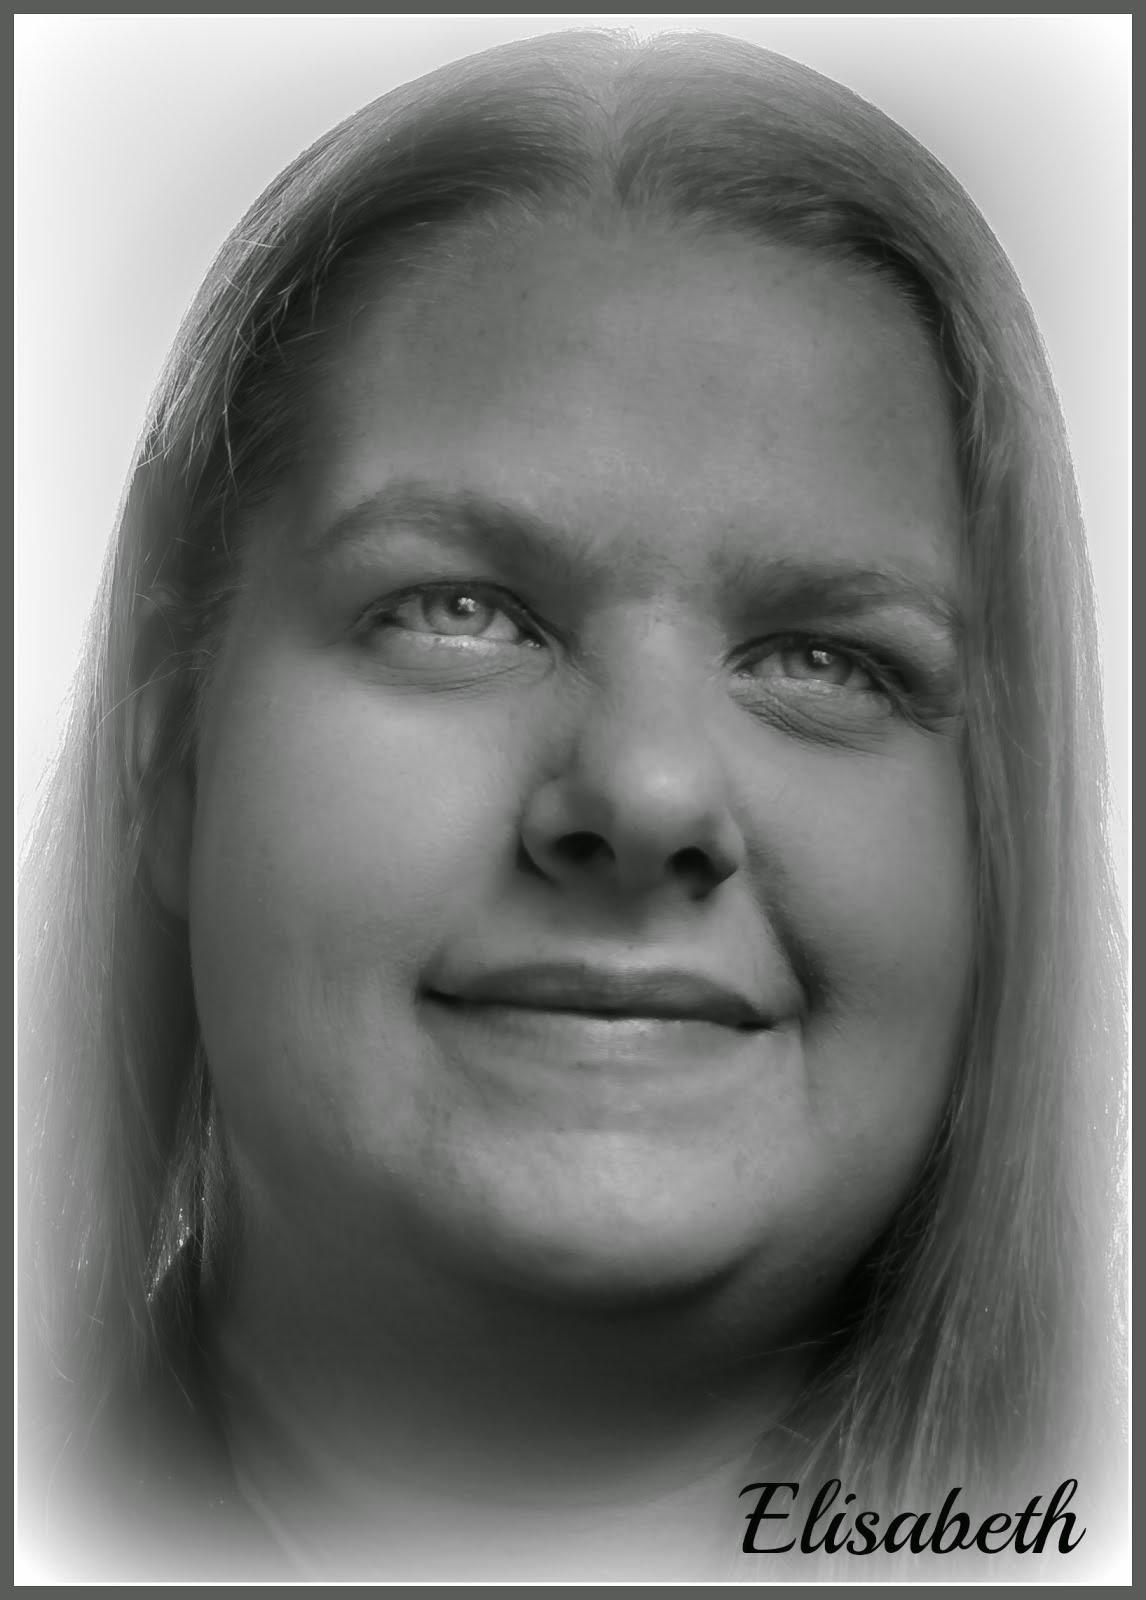 Elisabeth's lille papir verden